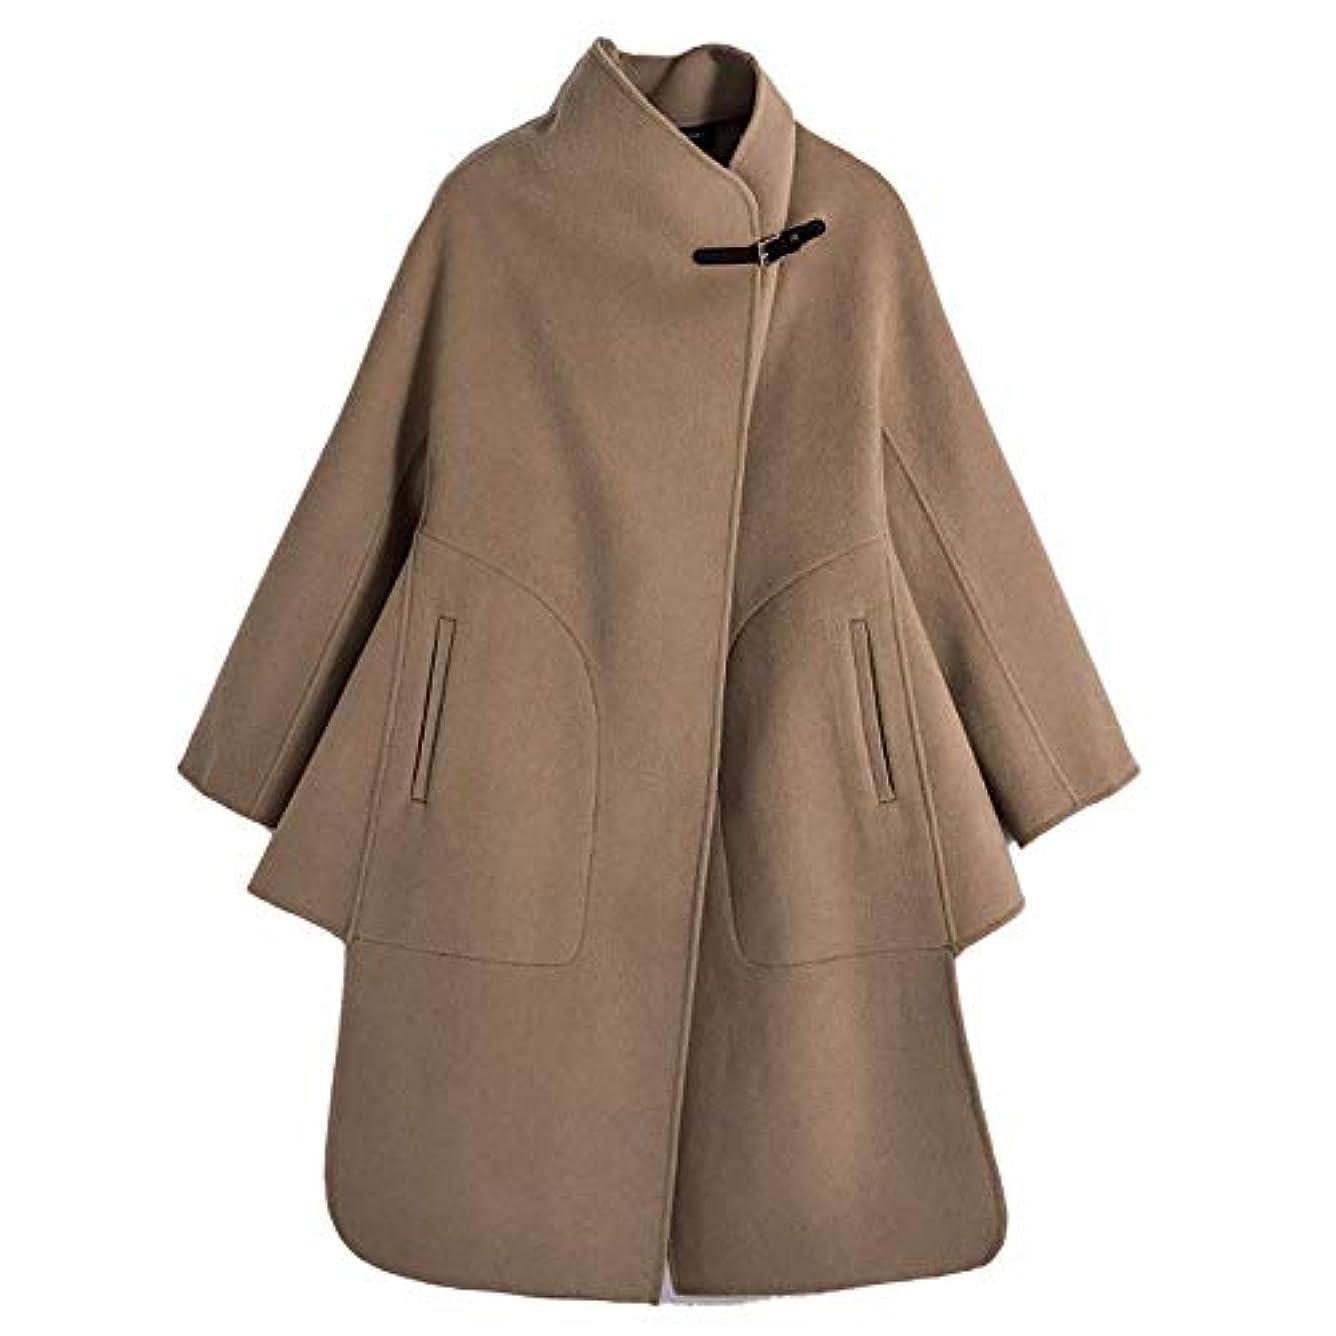 遺伝子健全ヘッドレス両面のウールコート、ウールレザーバックル両面ウールコート女性のウールコートレディースジャケットレディース?コートレディースウインドブレーカージャケット,ブラウン,XS